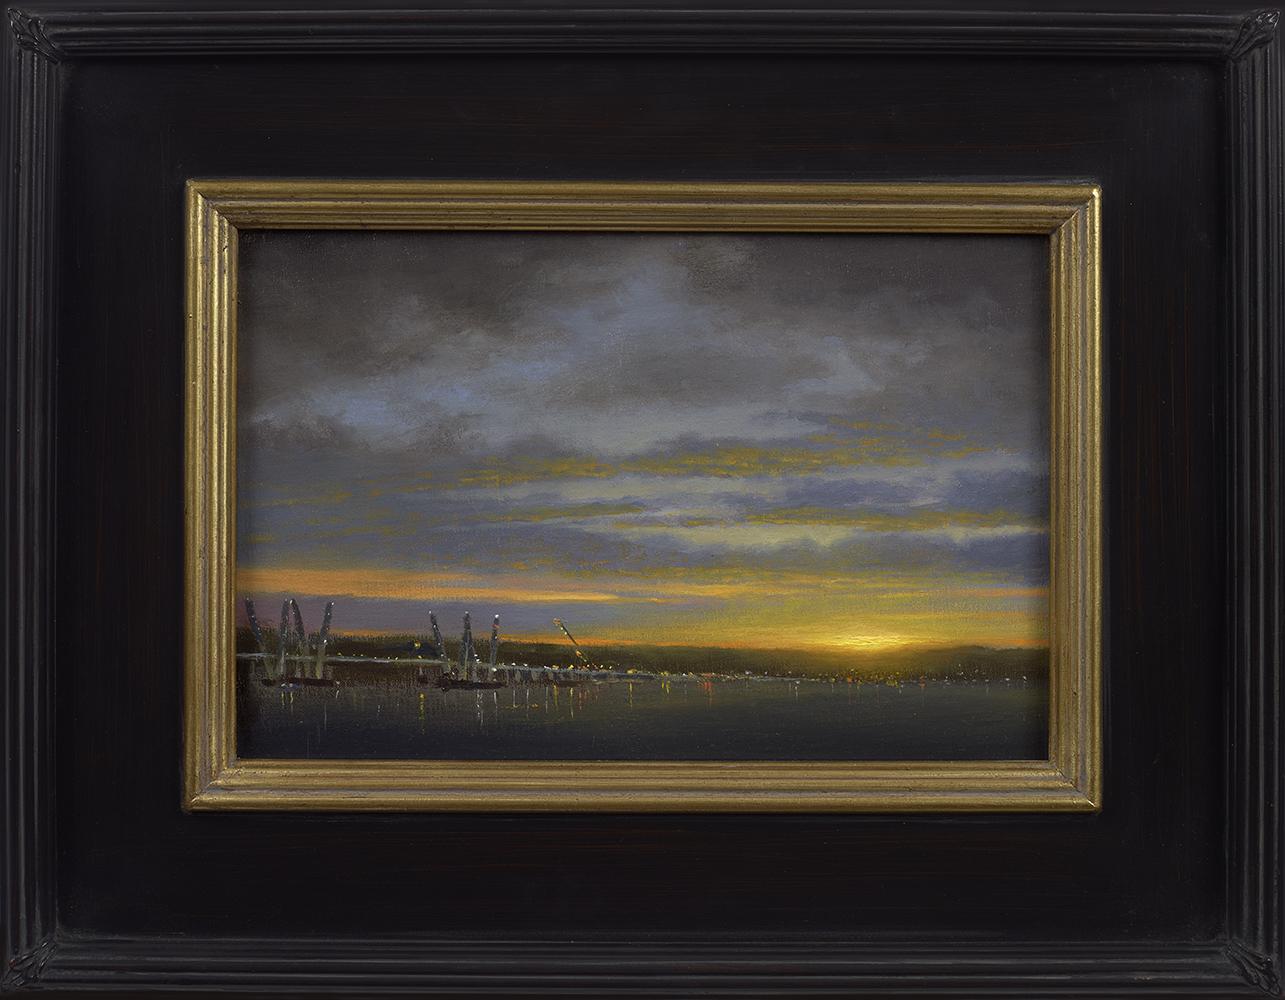 ken_salaz_kws1100_sunset_over_new_bridge_construction_tarrytown_framed.jpg